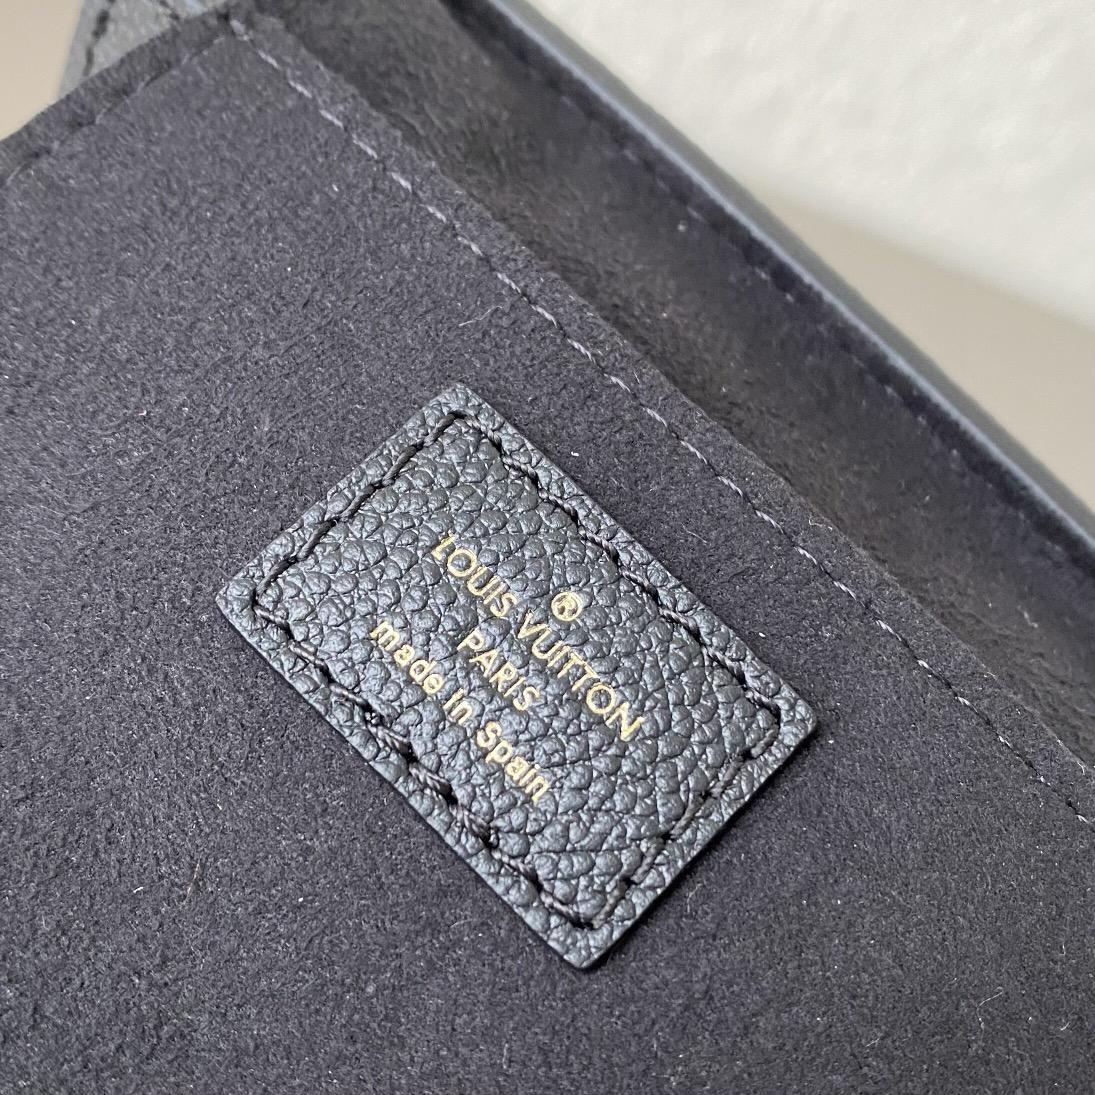 【¥830】驴家mini风琴包57097 复古且简约 超级随性百搭